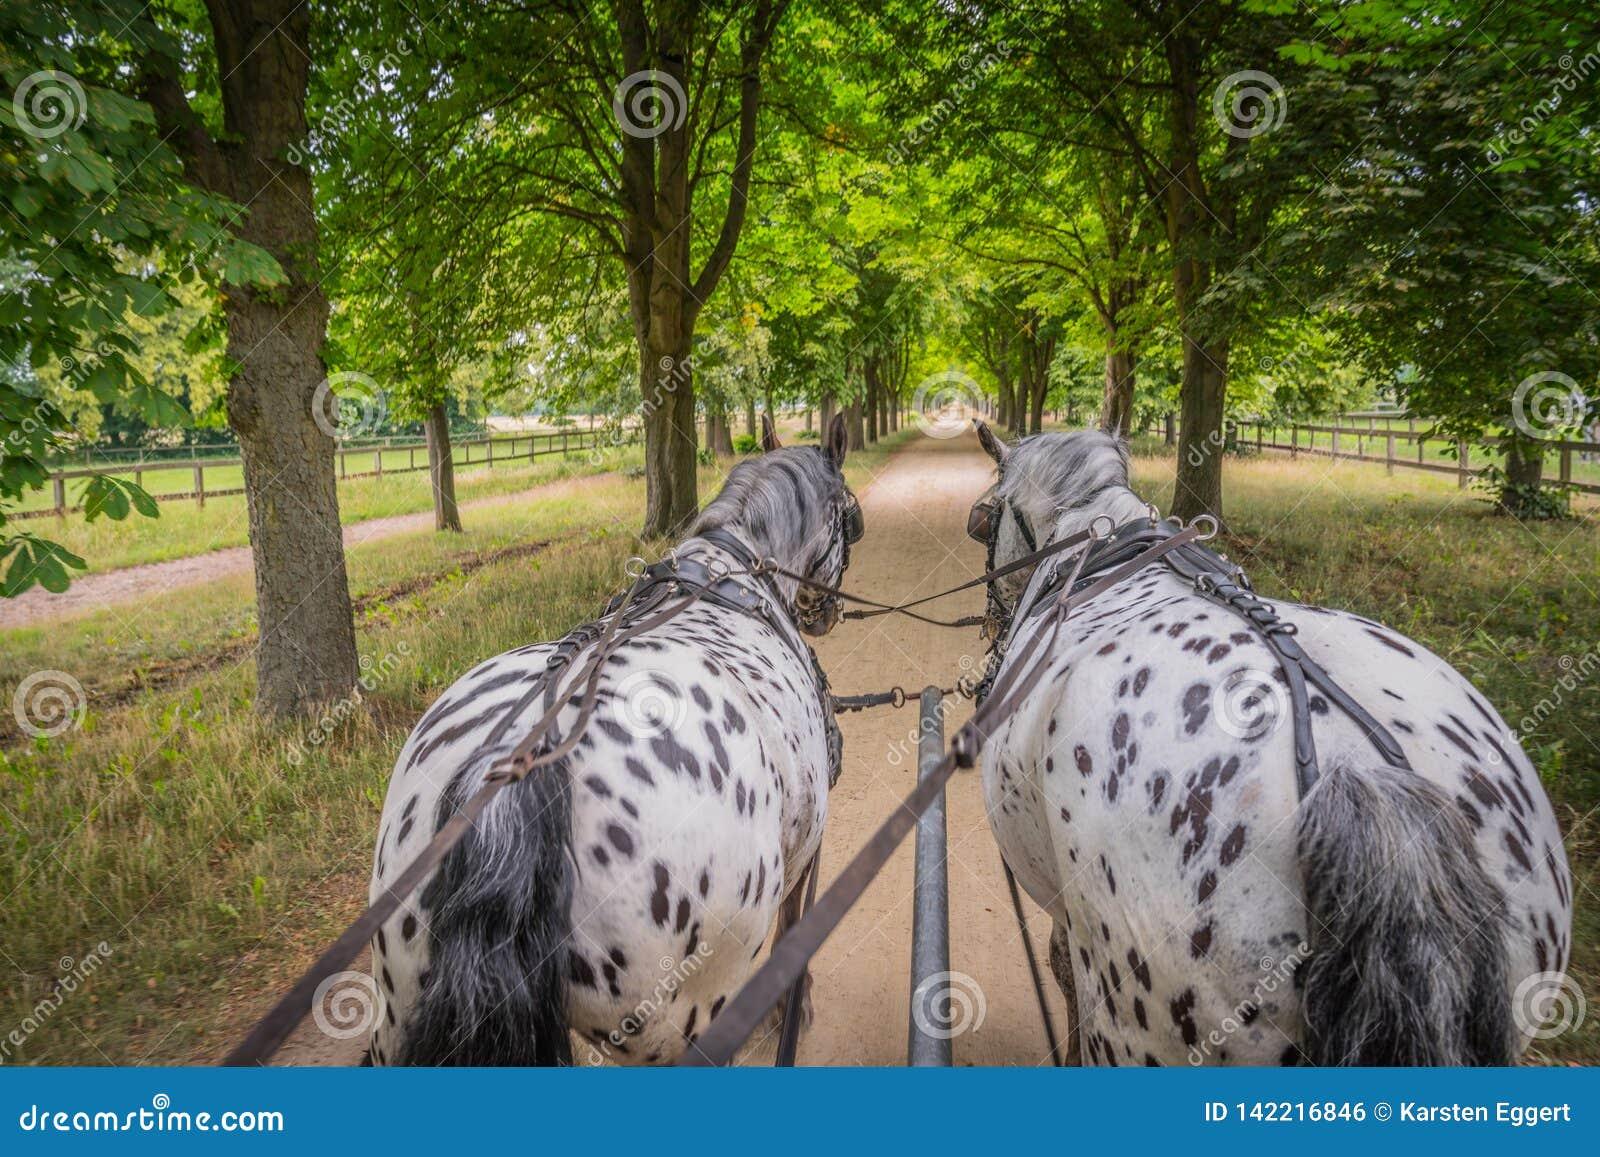 Τα άλογα Apaloosa τραβούν μια μεταφορά